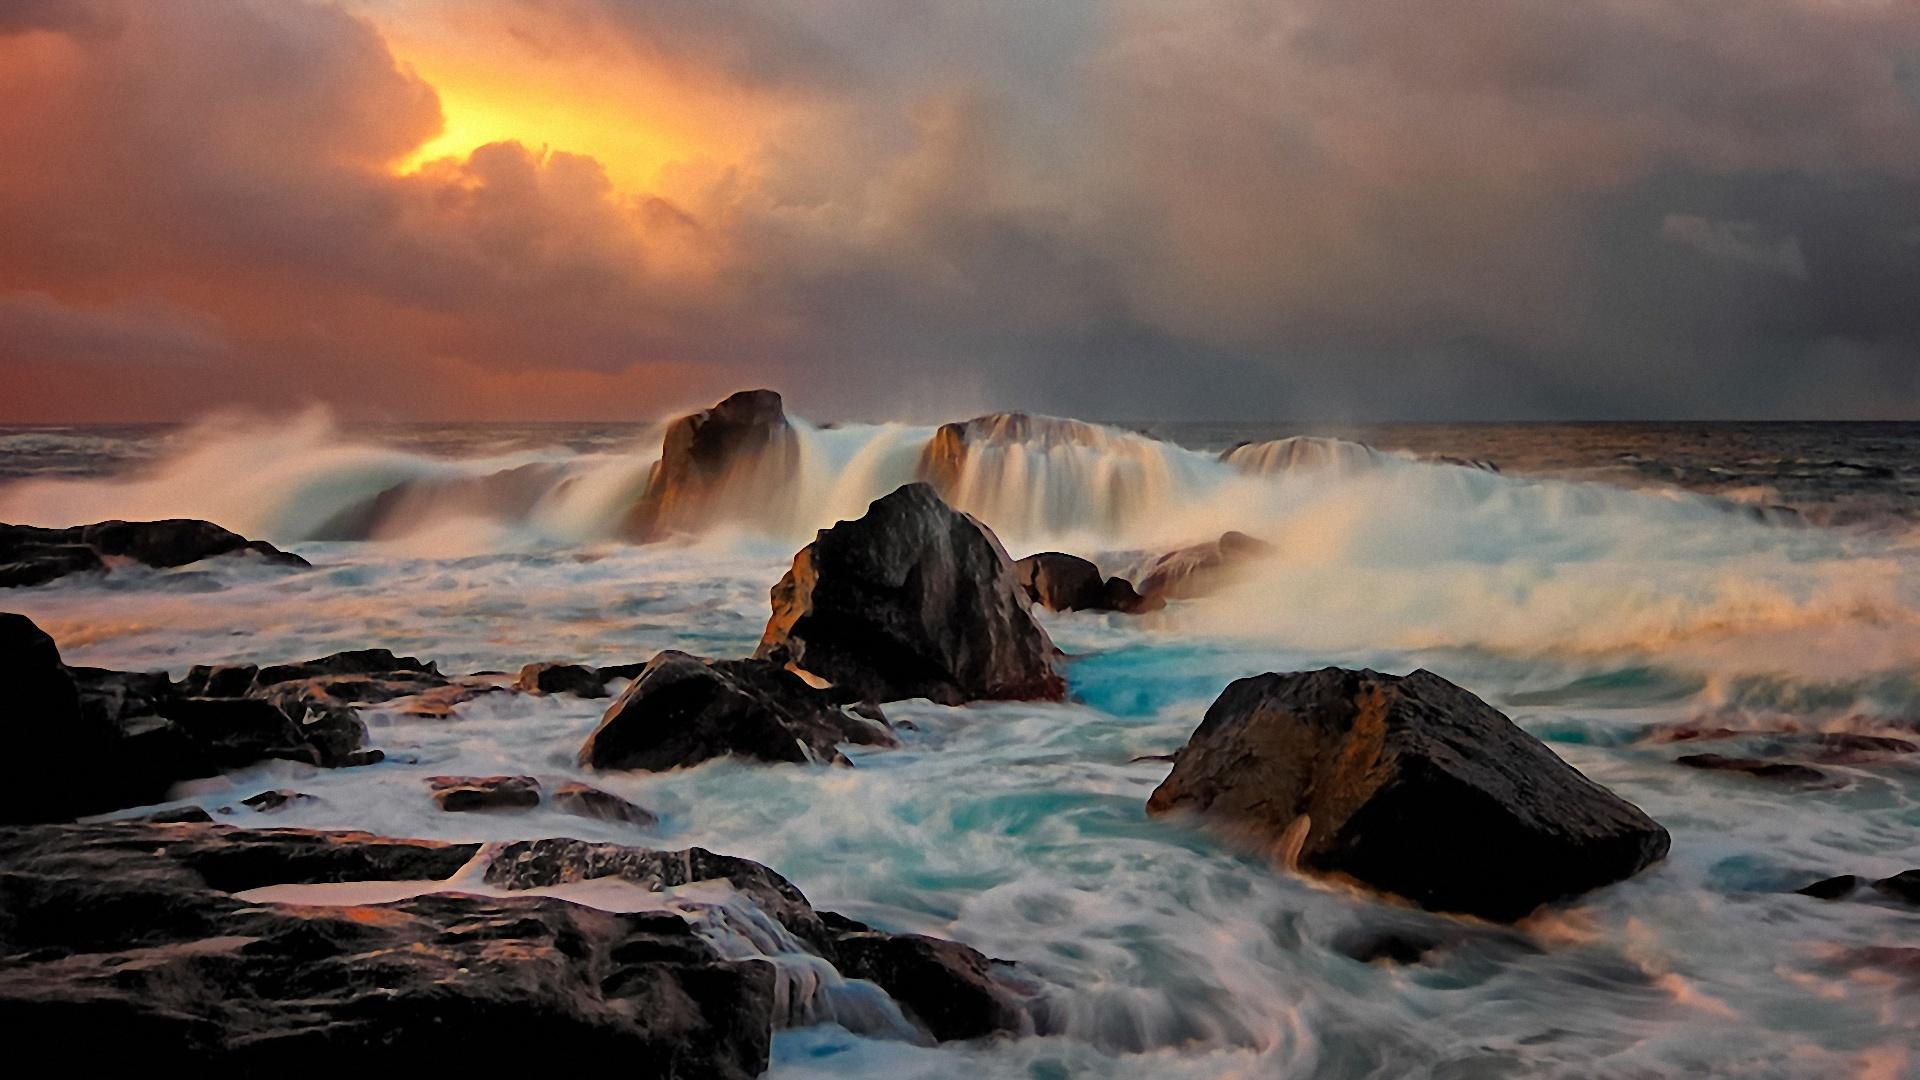 море перед бурей  № 3112463 загрузить